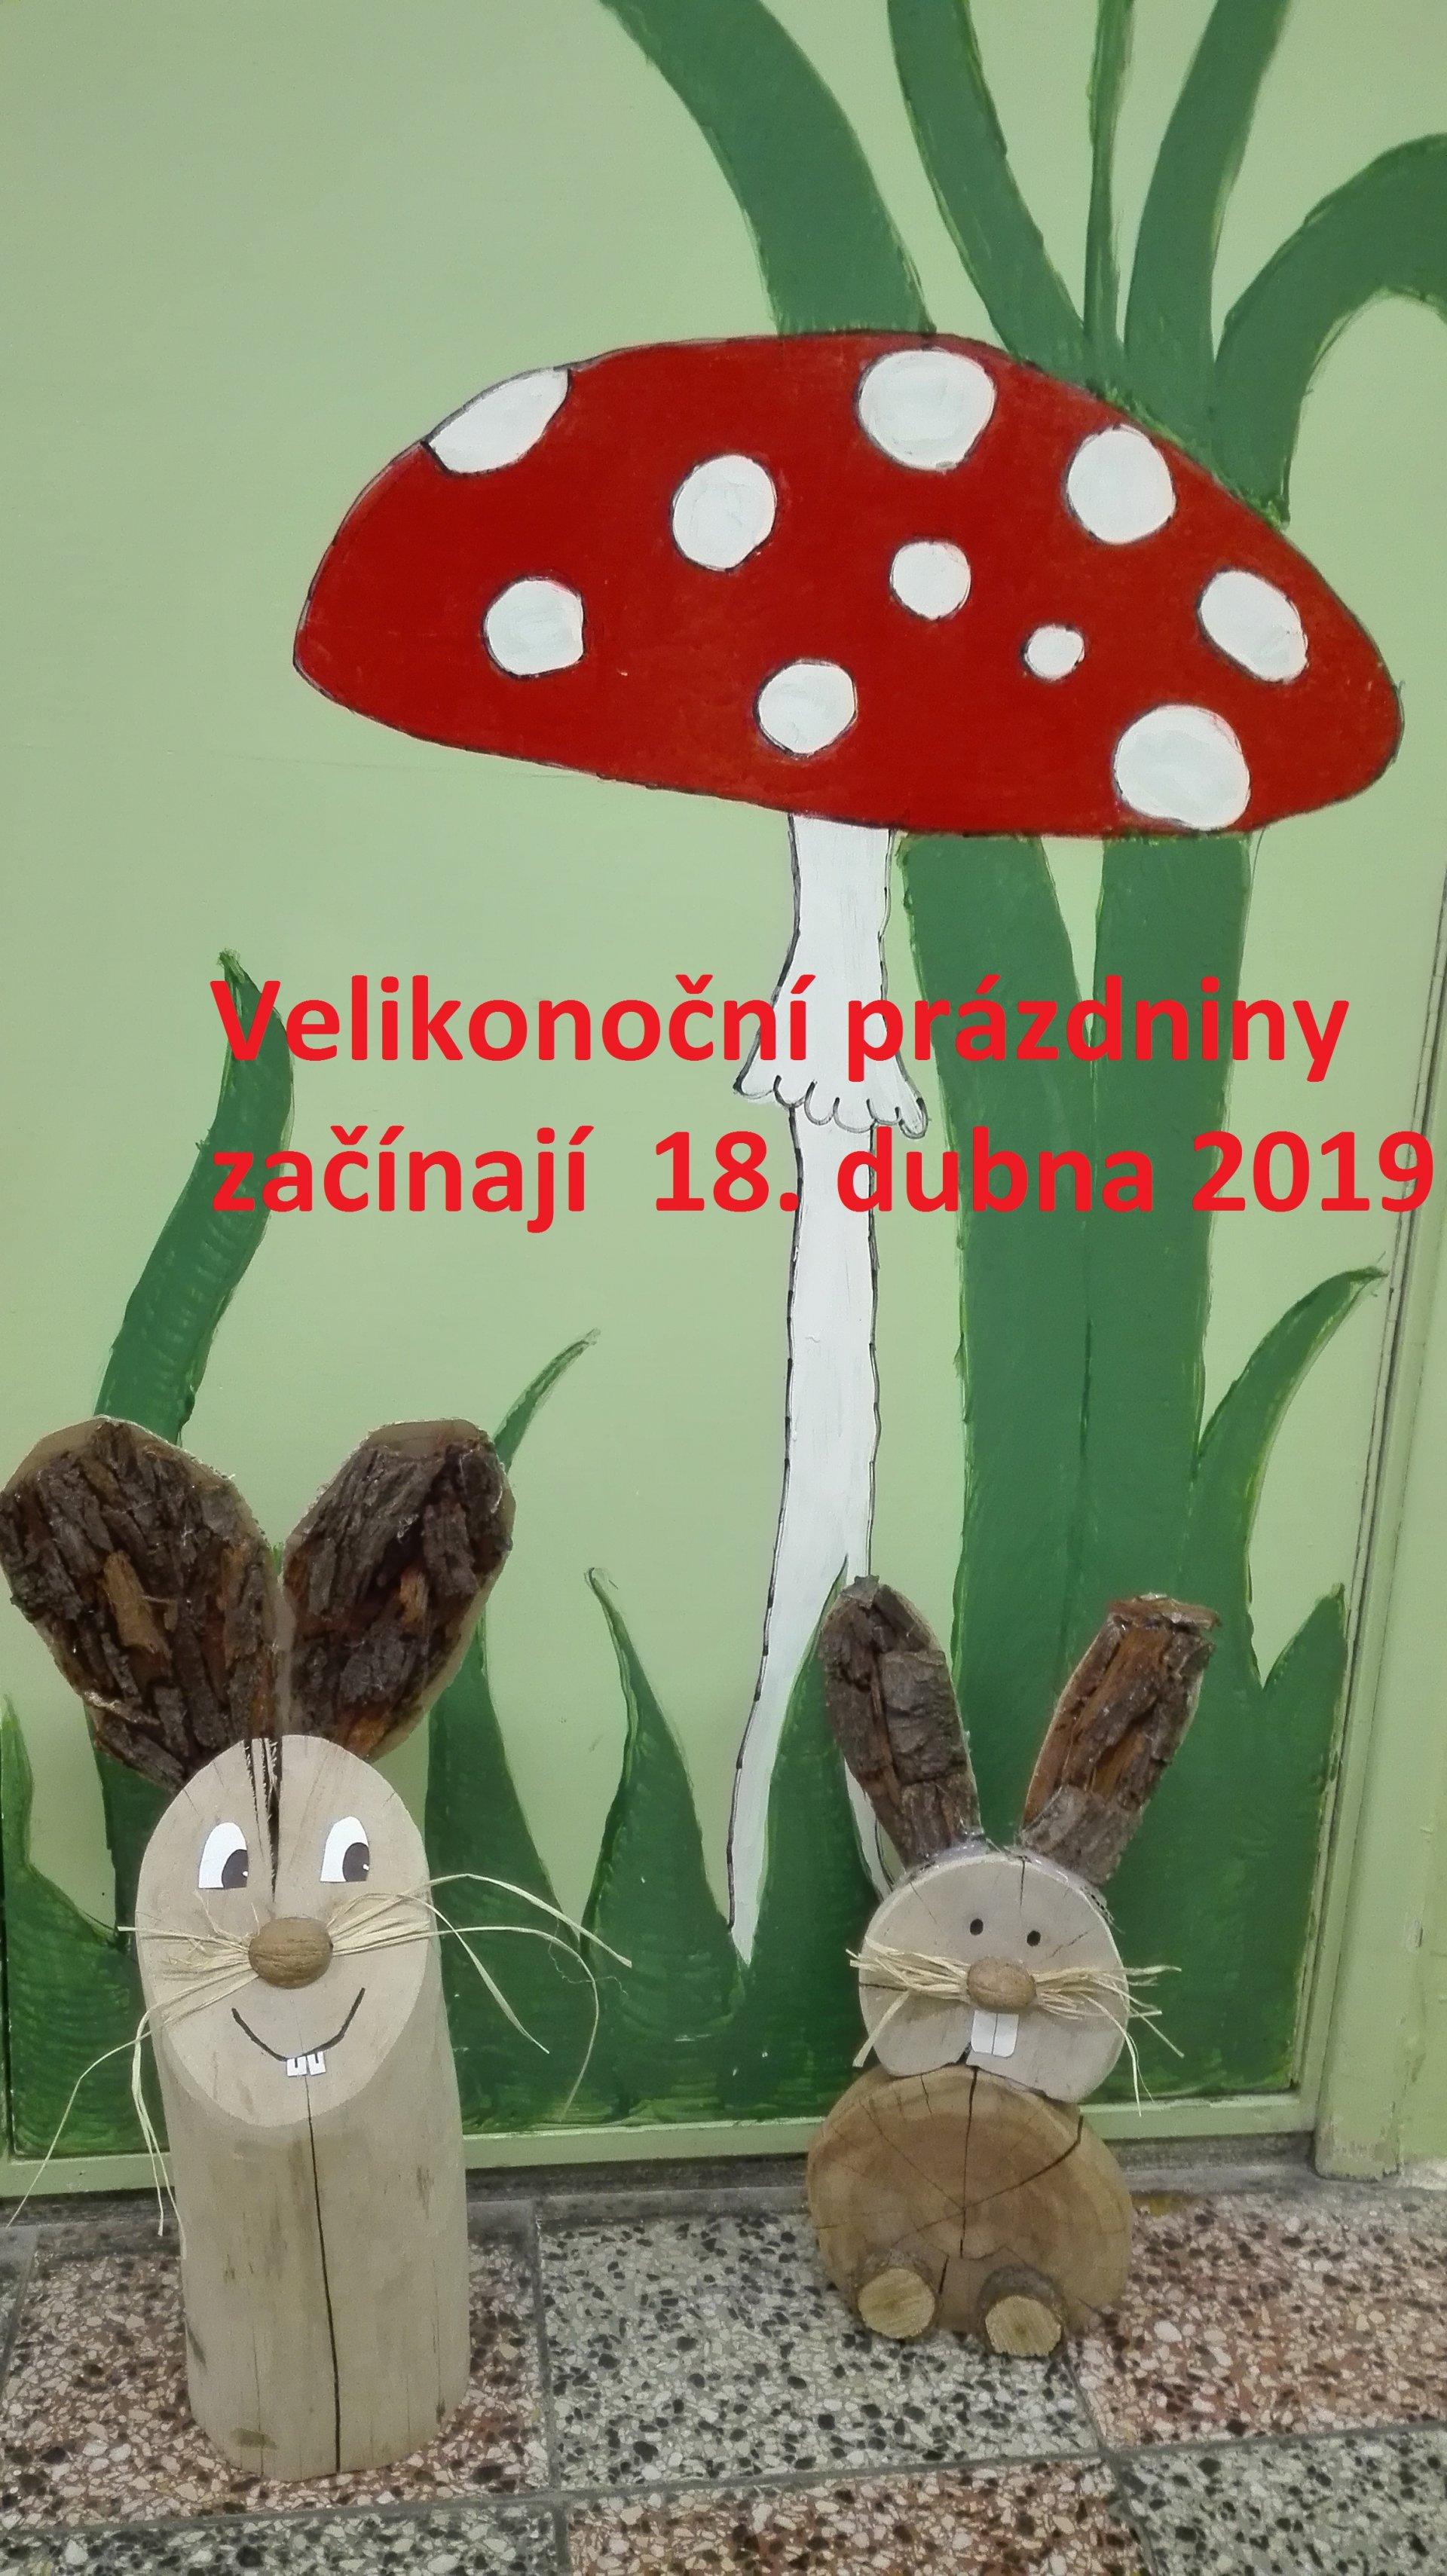 Velikonoční prázdniny začínají